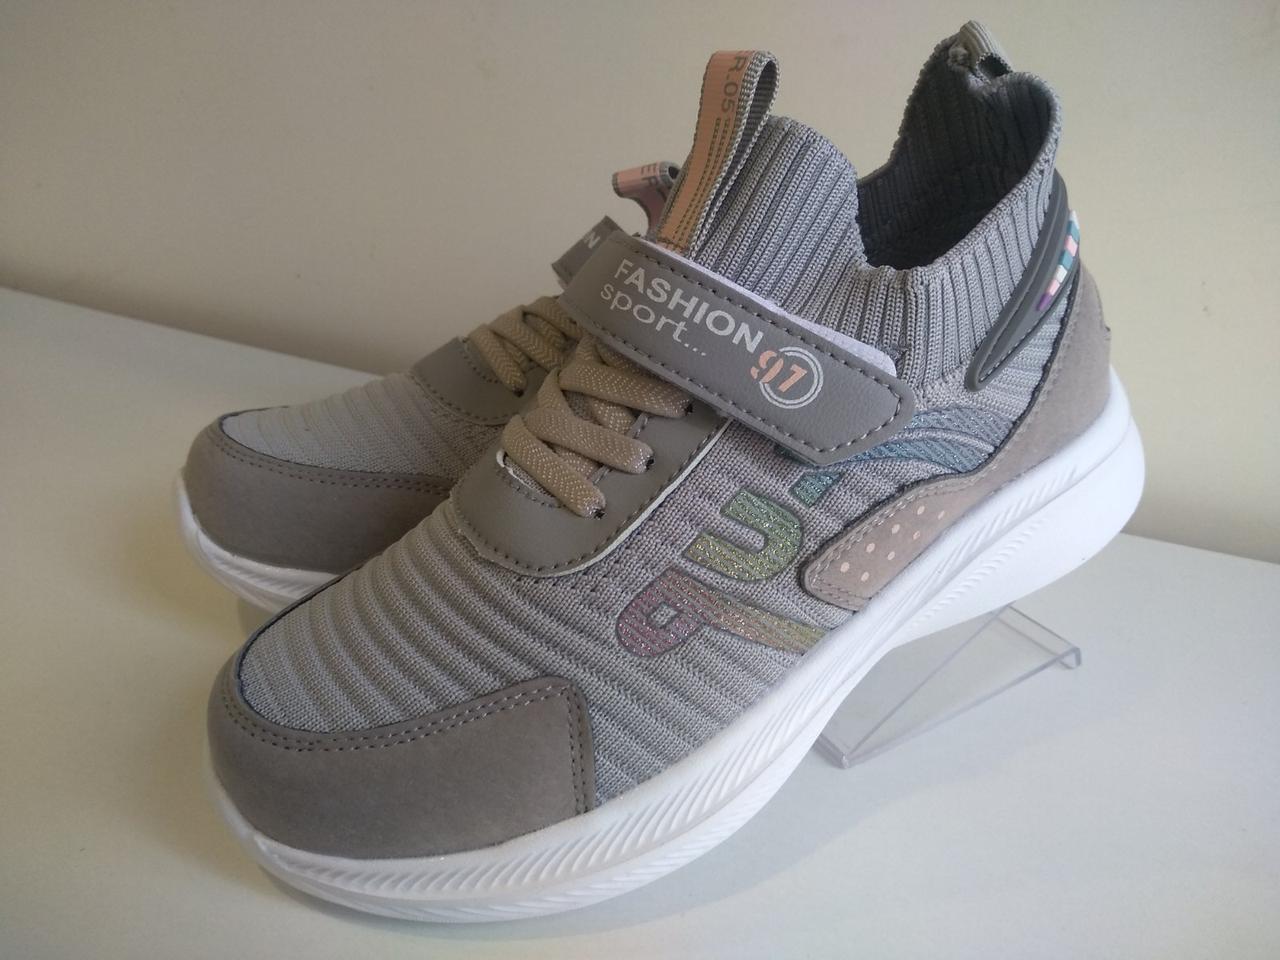 Кроссовки для девочки Tom.m р. 33 (20 см), 35 (21,5 см), 36 (22 см)